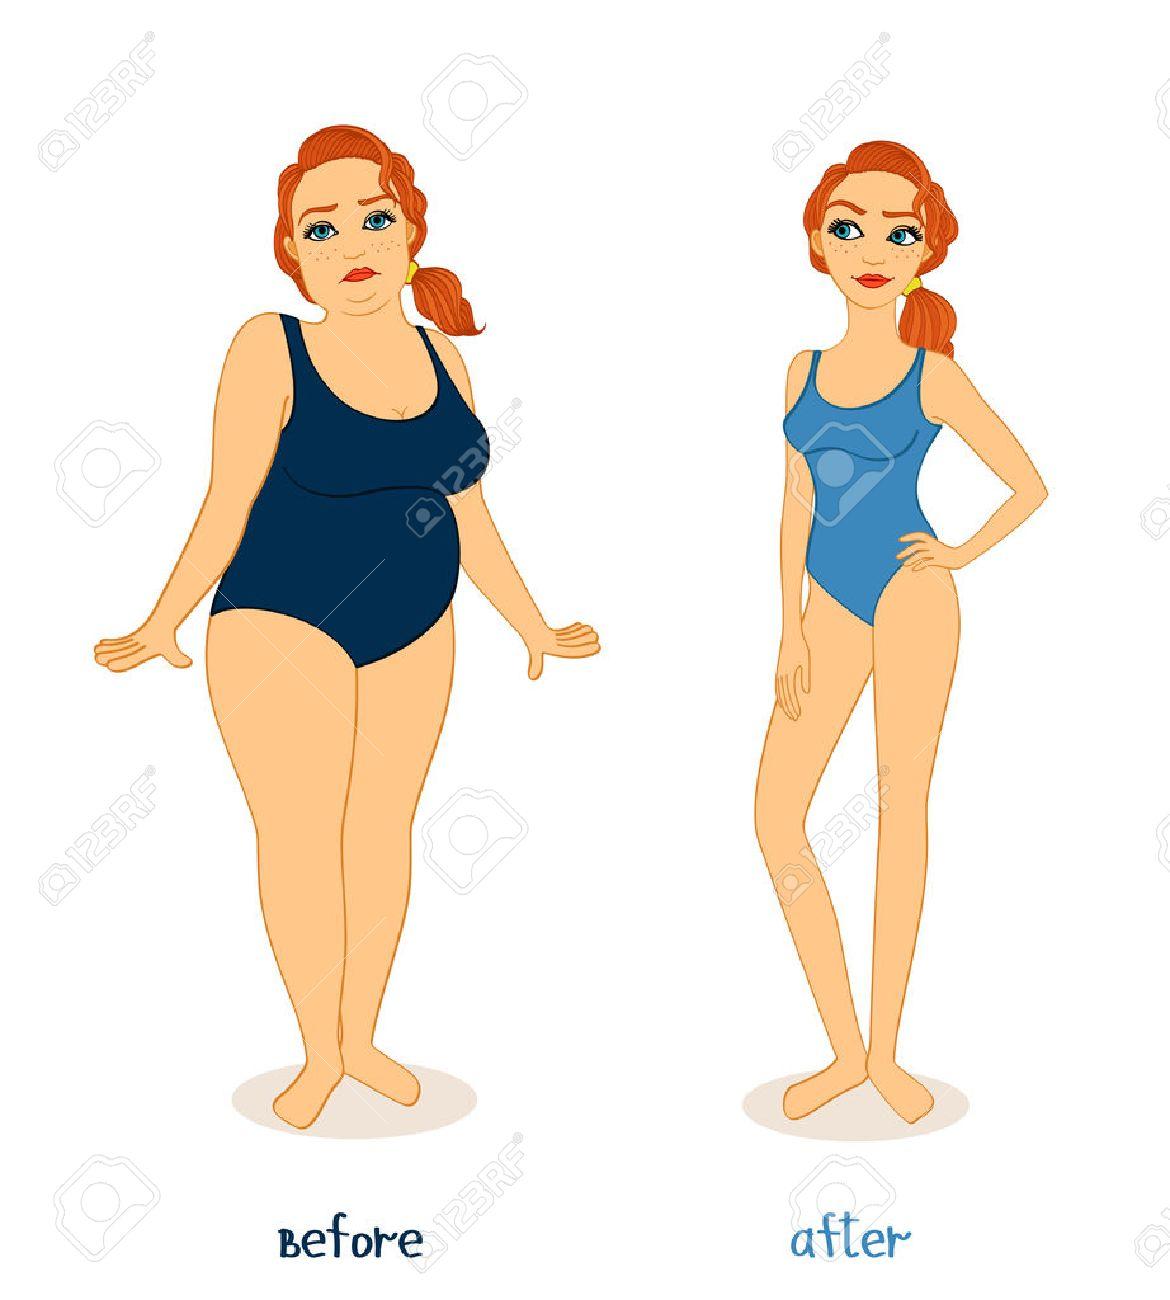 Vet en slanke vrouw figuren, voor en na het gewichtsverlies geïsoleerde vector illustratie